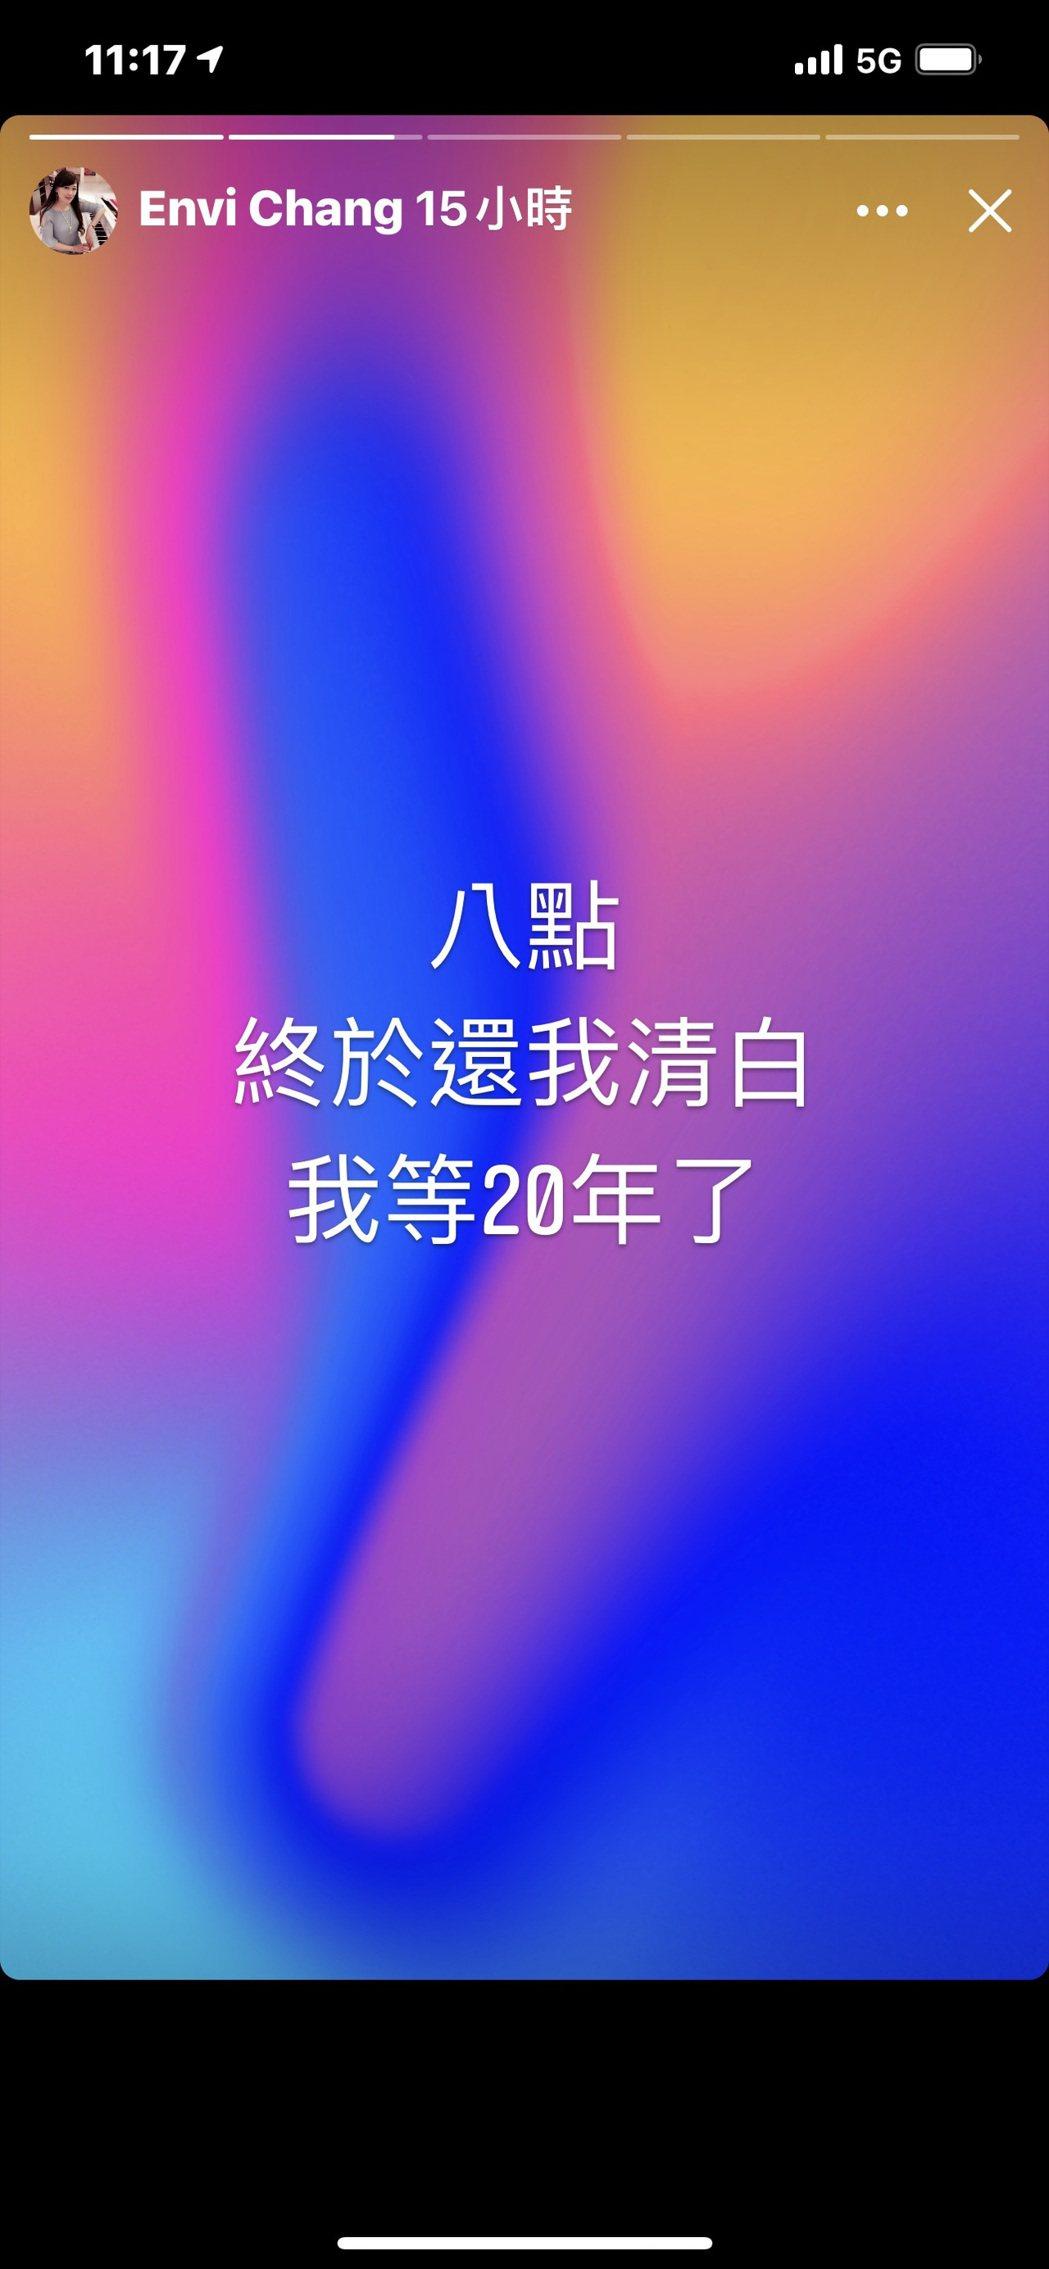 張金鳳在蕭大陸發聲明後發限動很不平衡。圖/摘自臉書